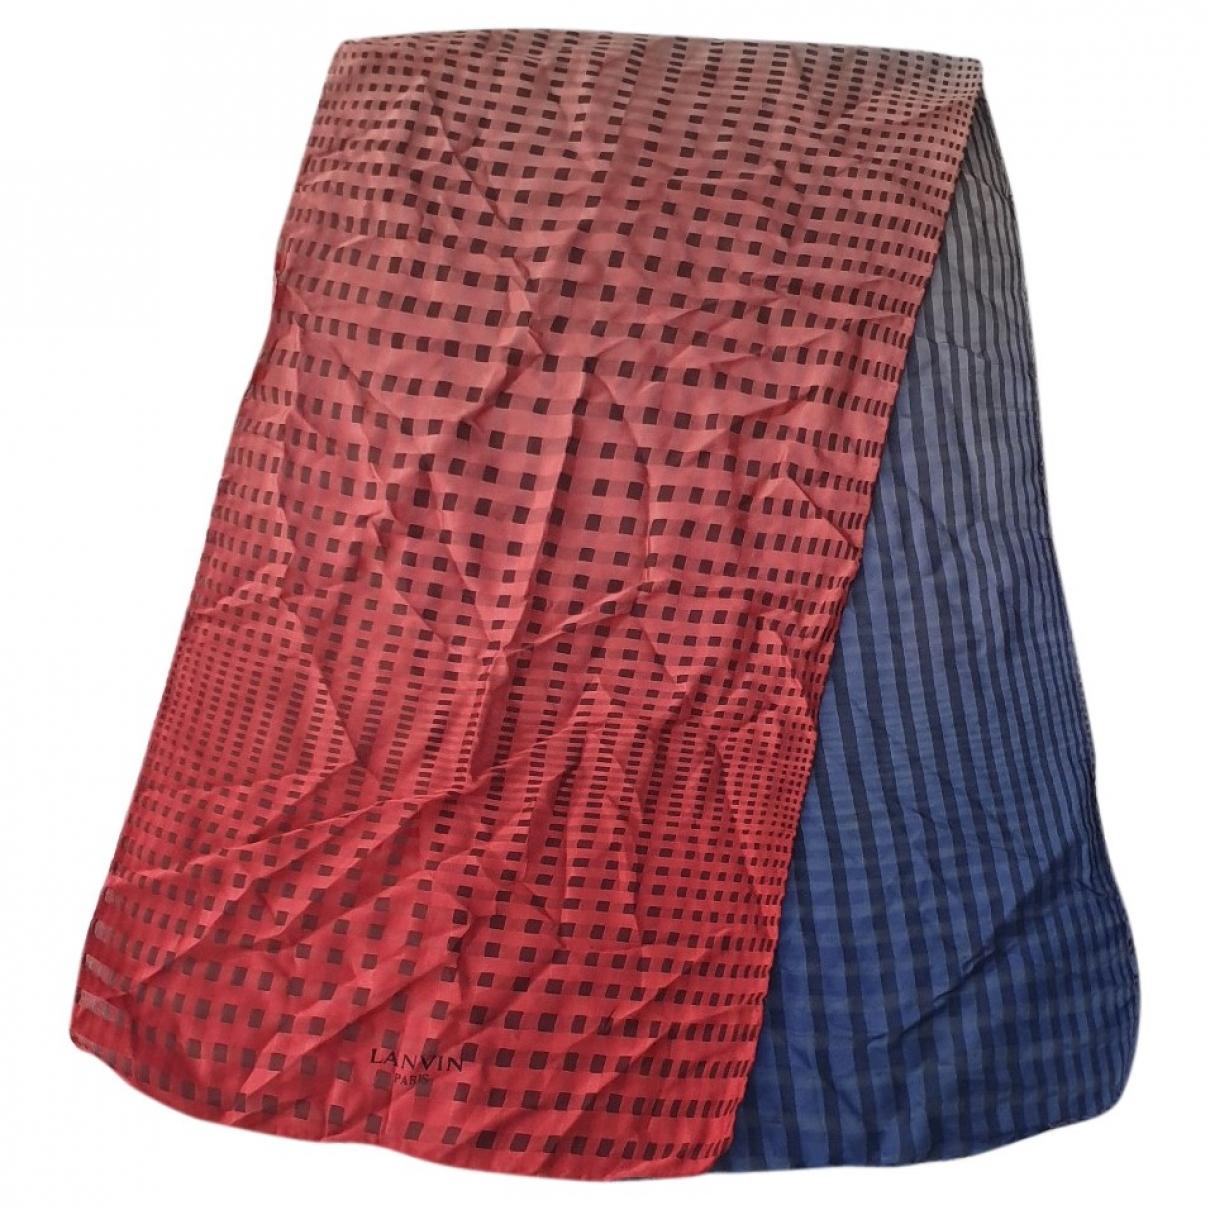 Lanvin - Foulard   pour femme en soie